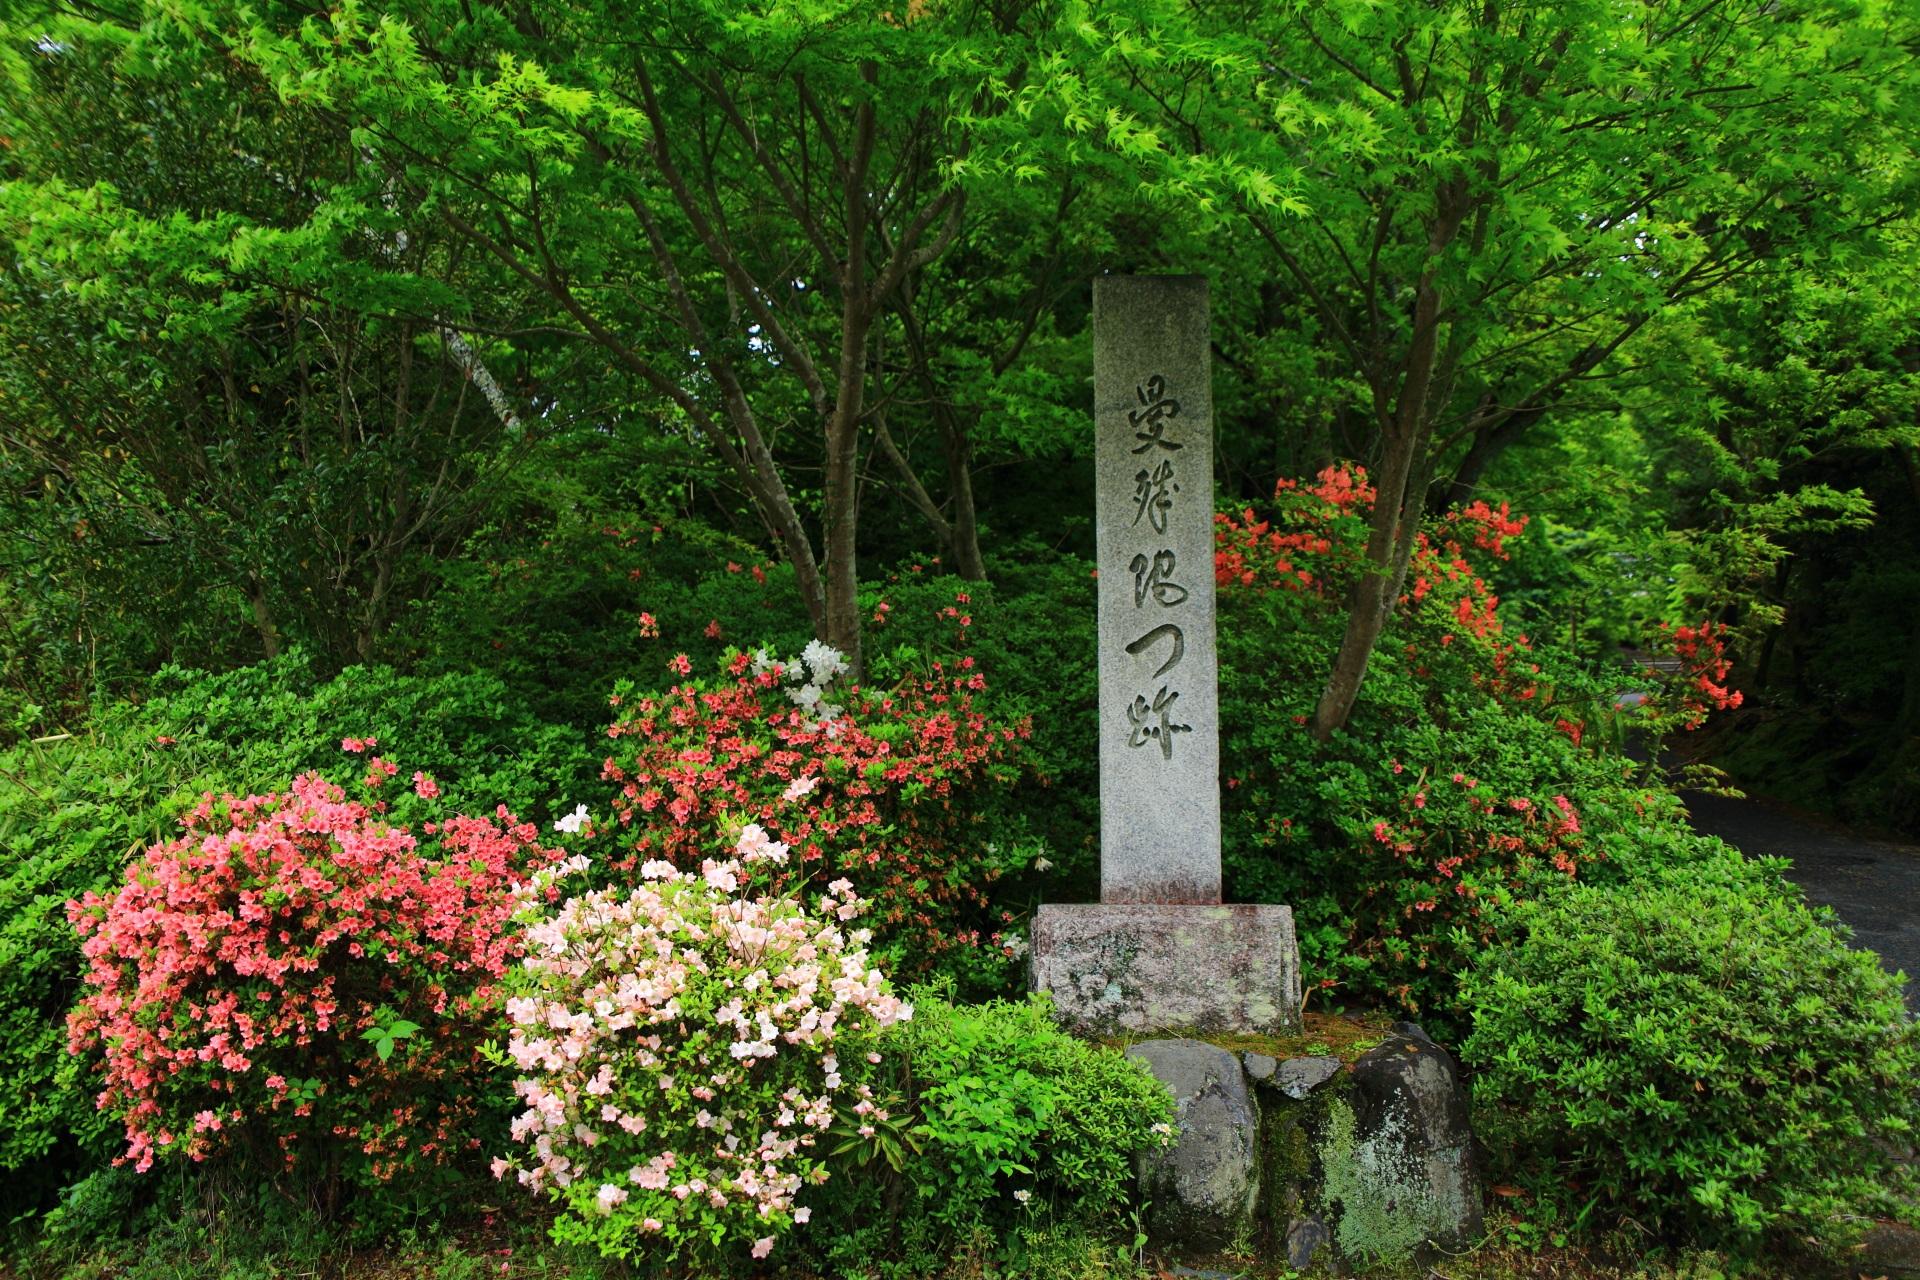 華やかなツツジと深い緑につつまれた「曼殊院門跡」の石碑